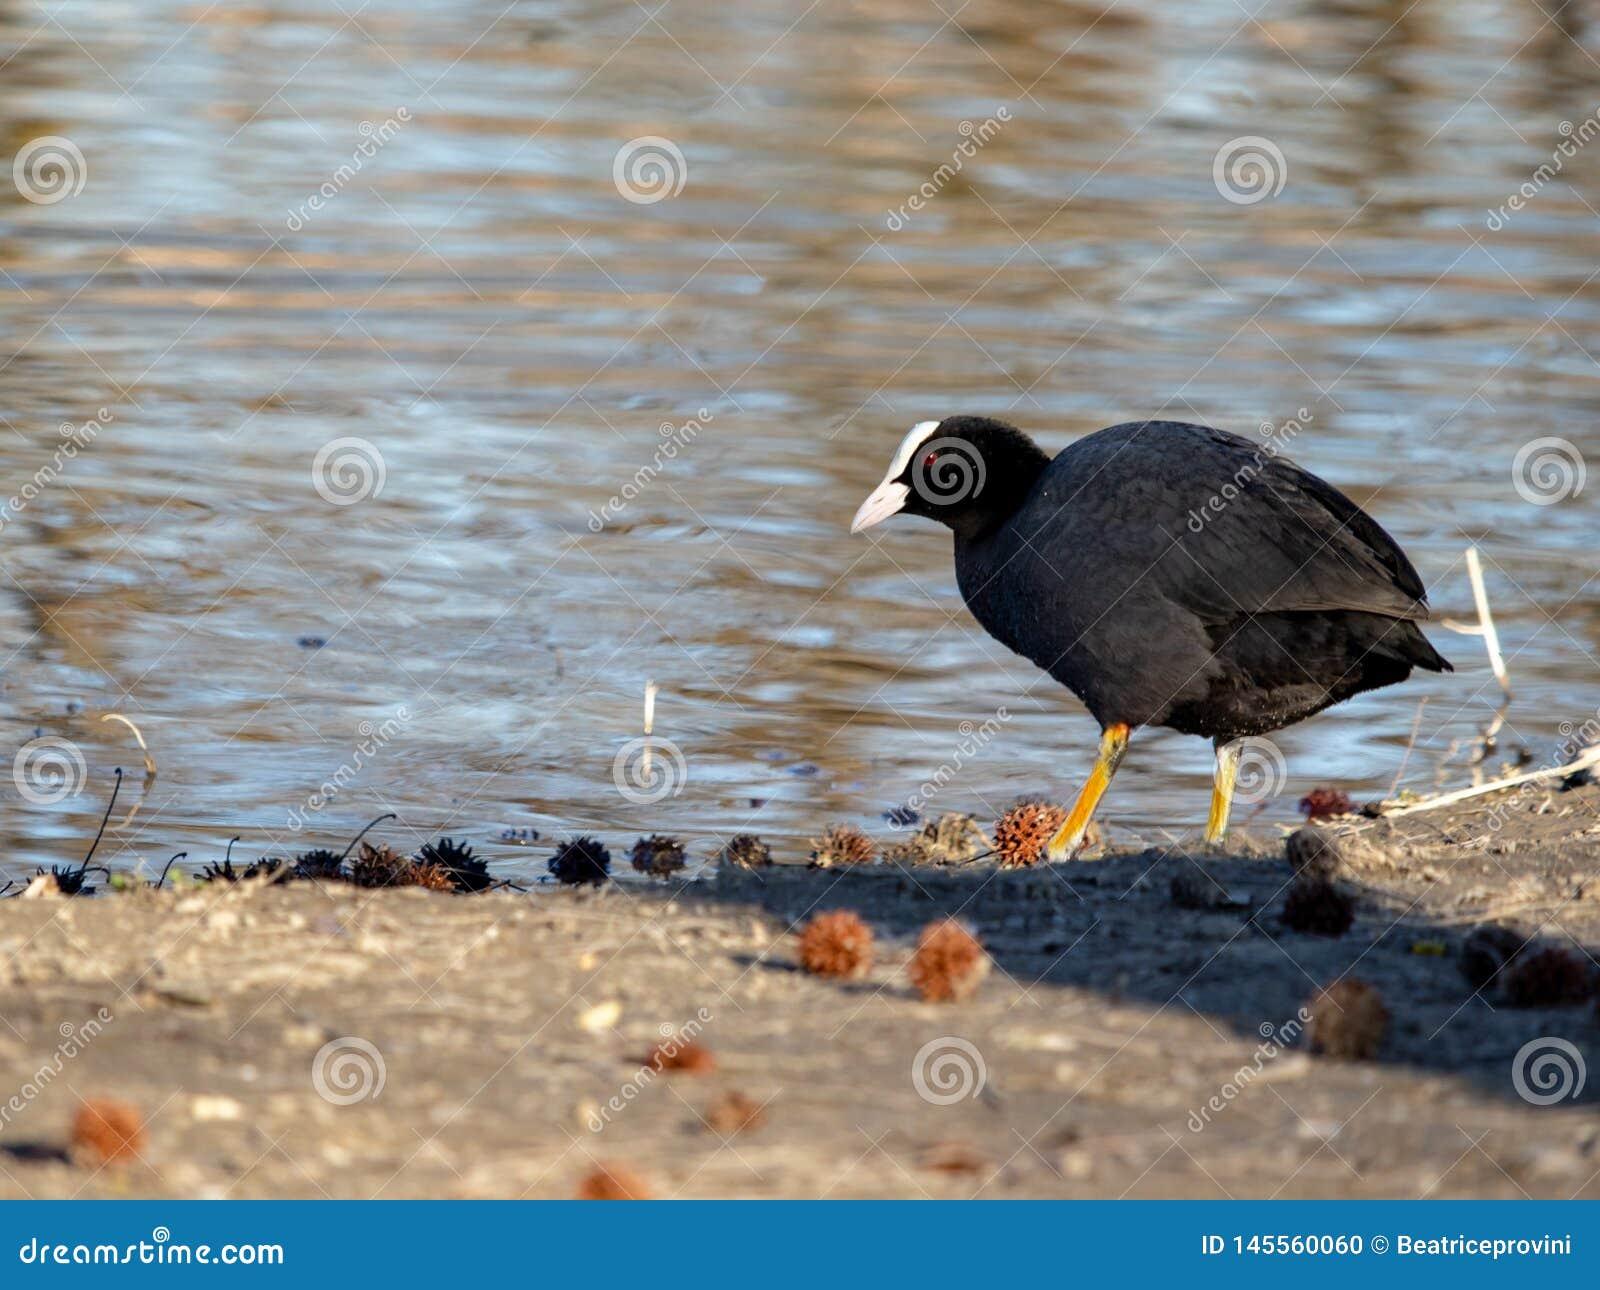 Ο μικρός ευρασιατικός Μαύρος φαλαρίδων με τα κόκκινα μάτια στον ποταμό